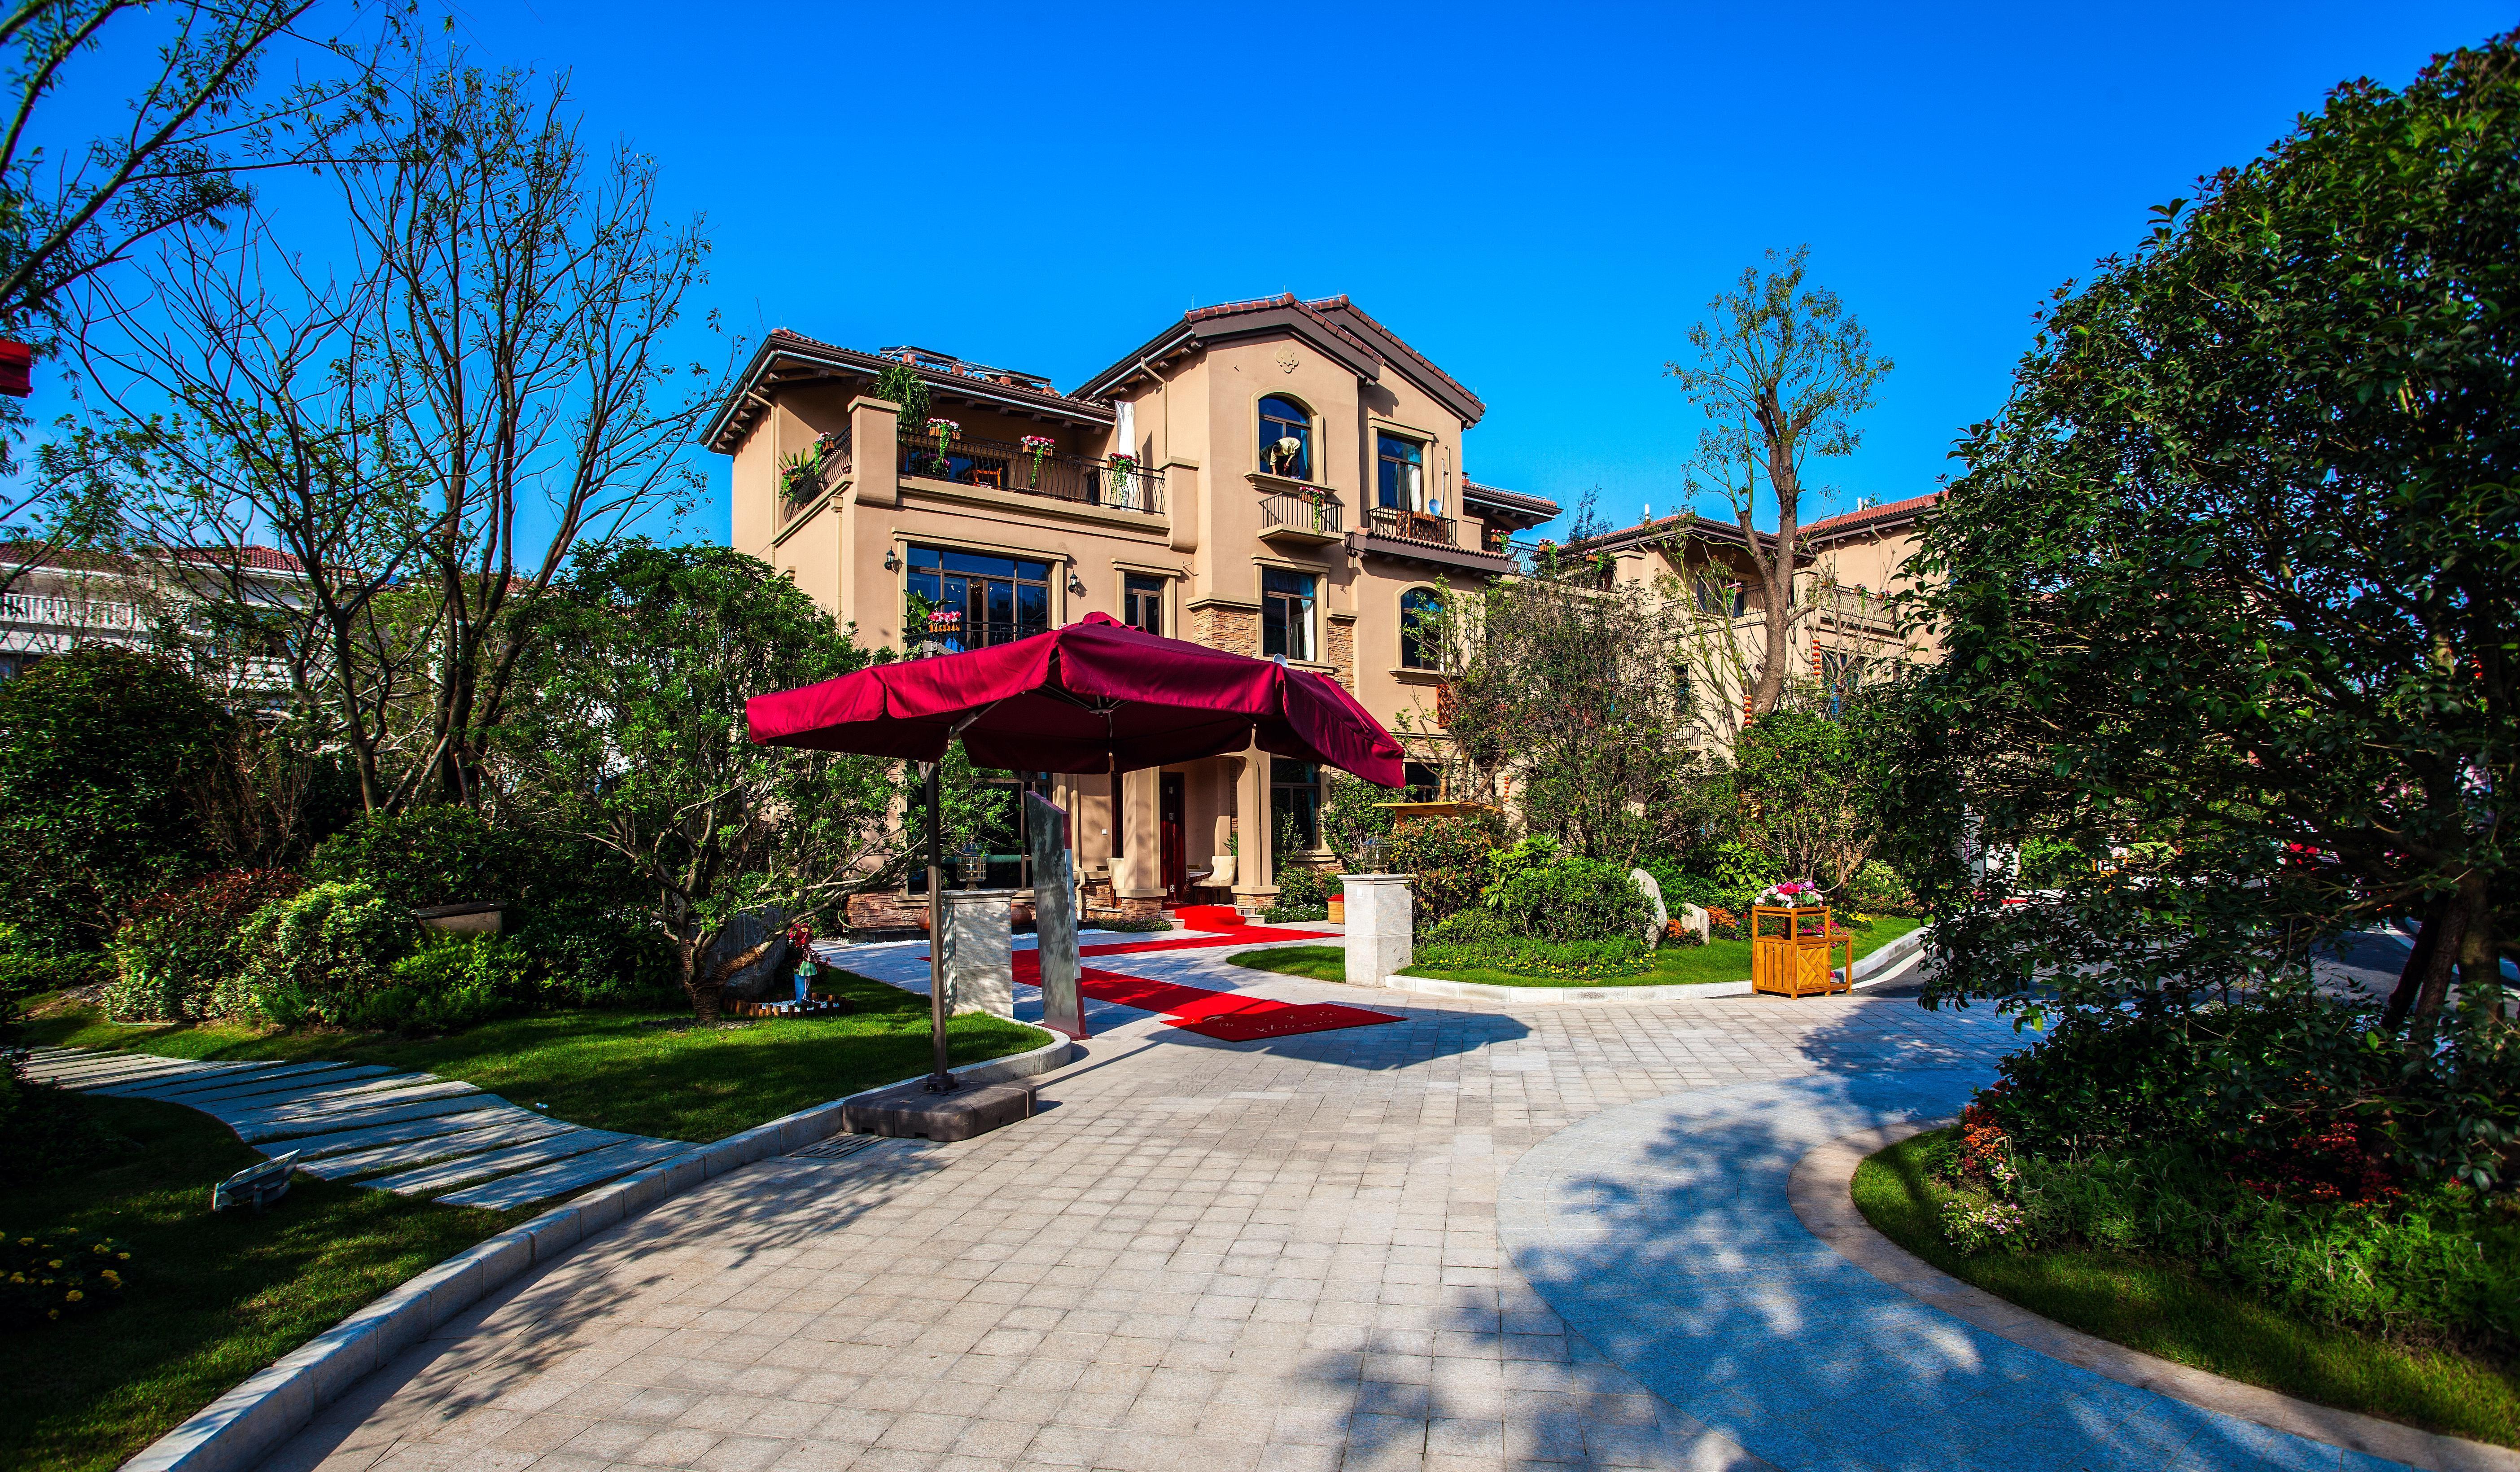 顶级别墅设计标准主要有哪些 顶级别墅设计标准主要有哪些呢?